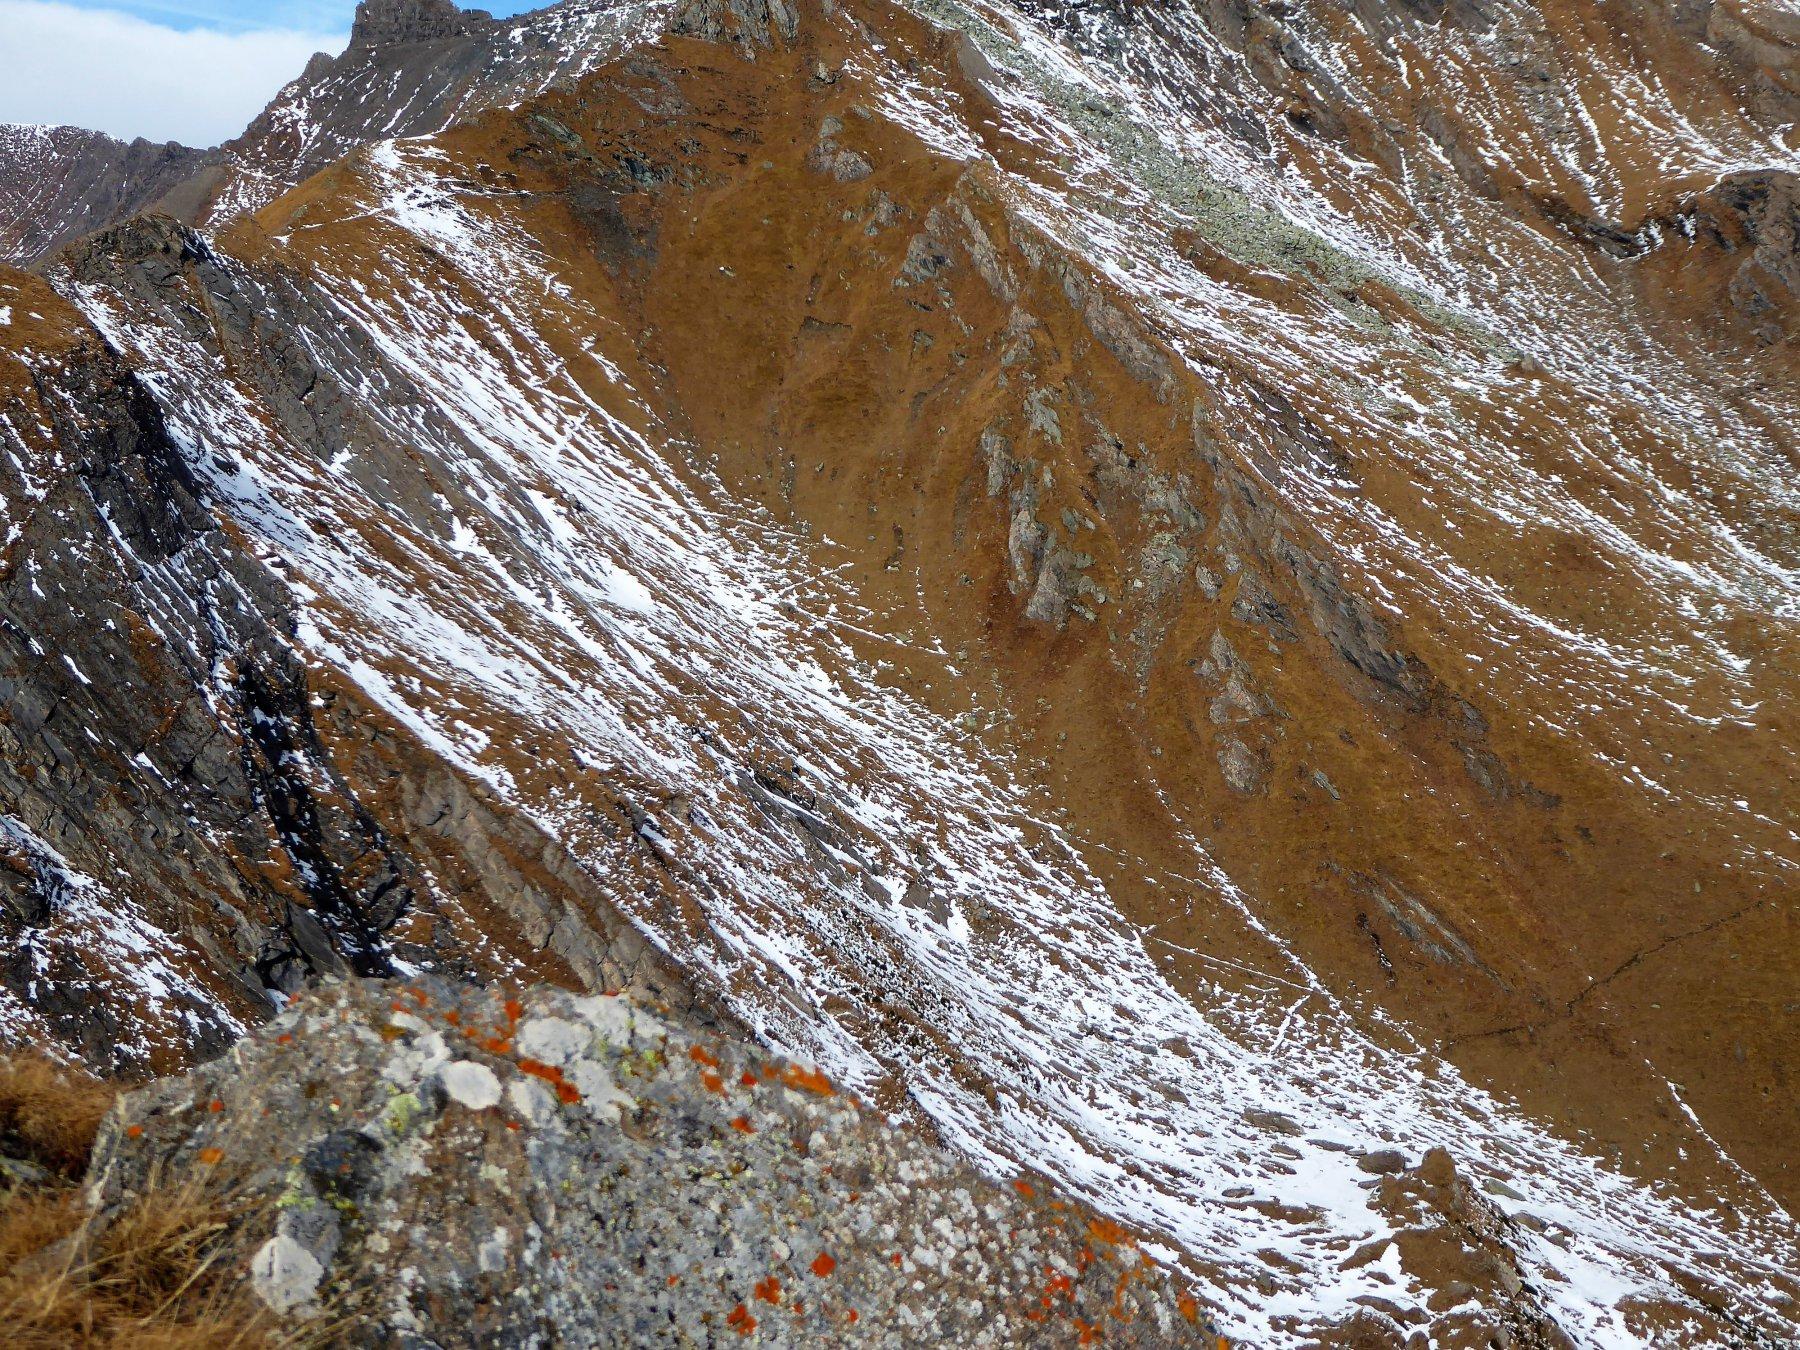 il vallone di discesa, con in alto a sinistra il Colle della Borra